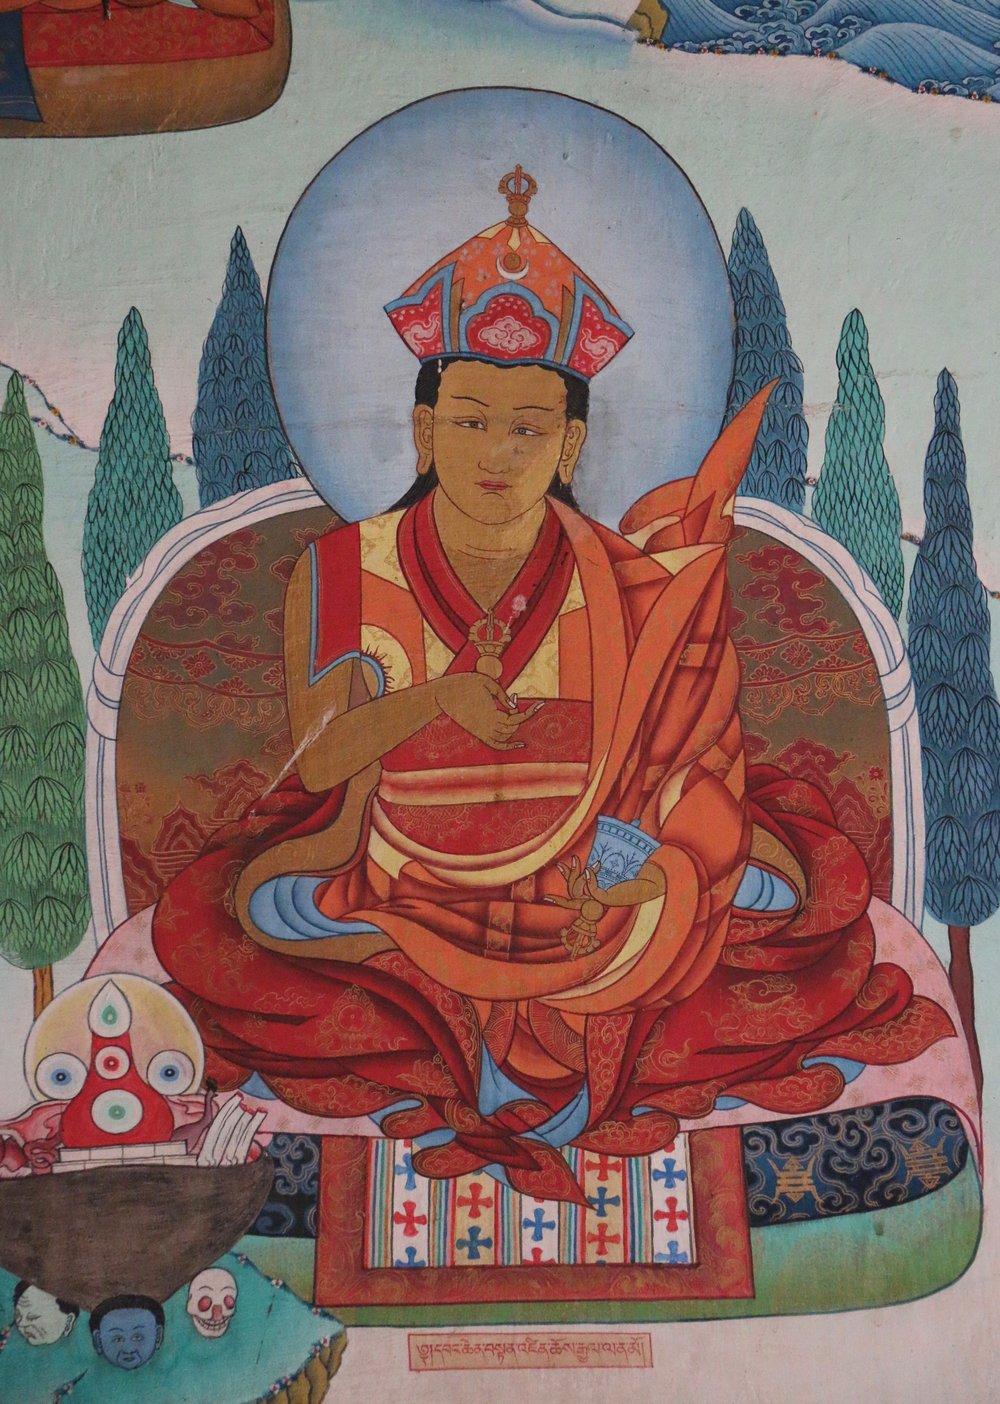 Wangchen Tenzin Chogyal